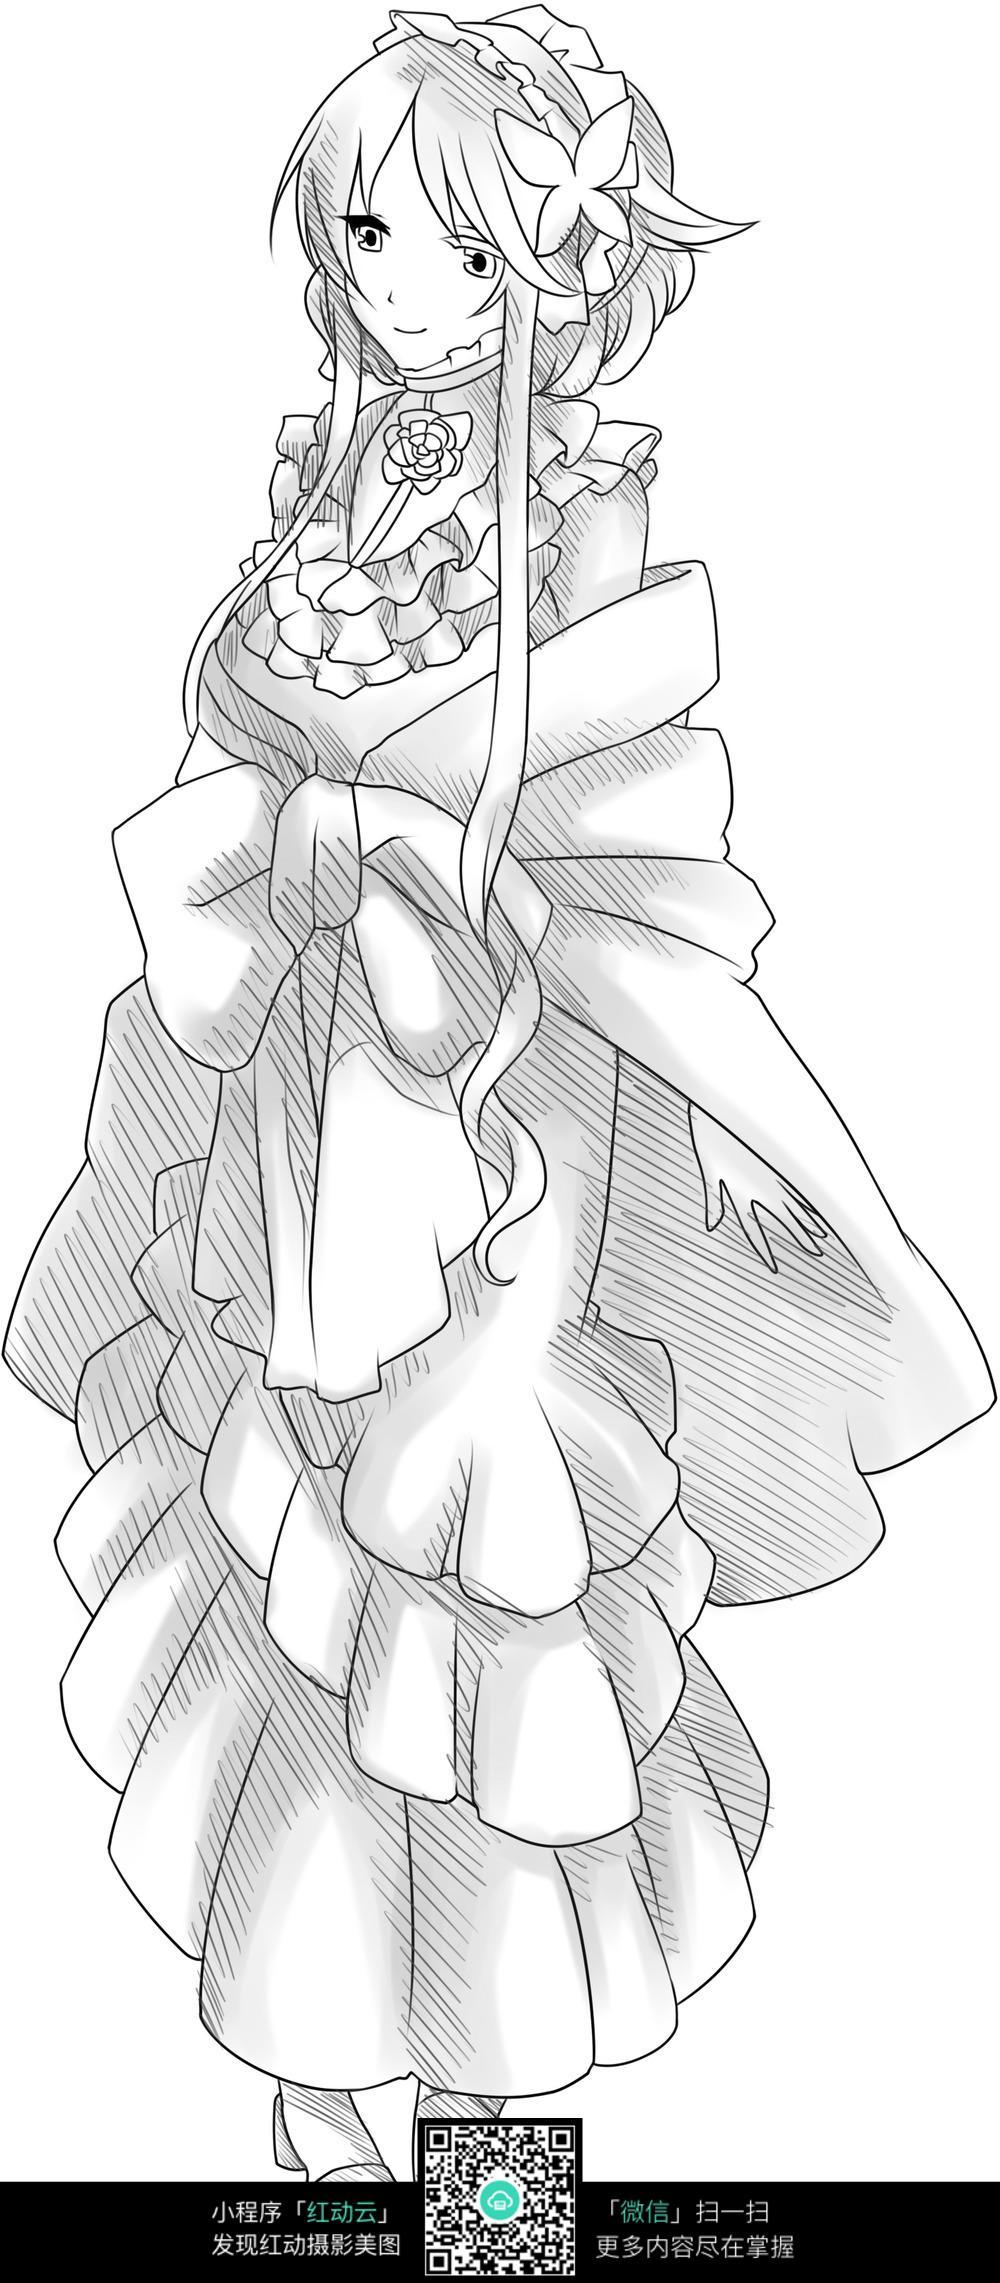 卡通站着的美少女手绘线稿图片